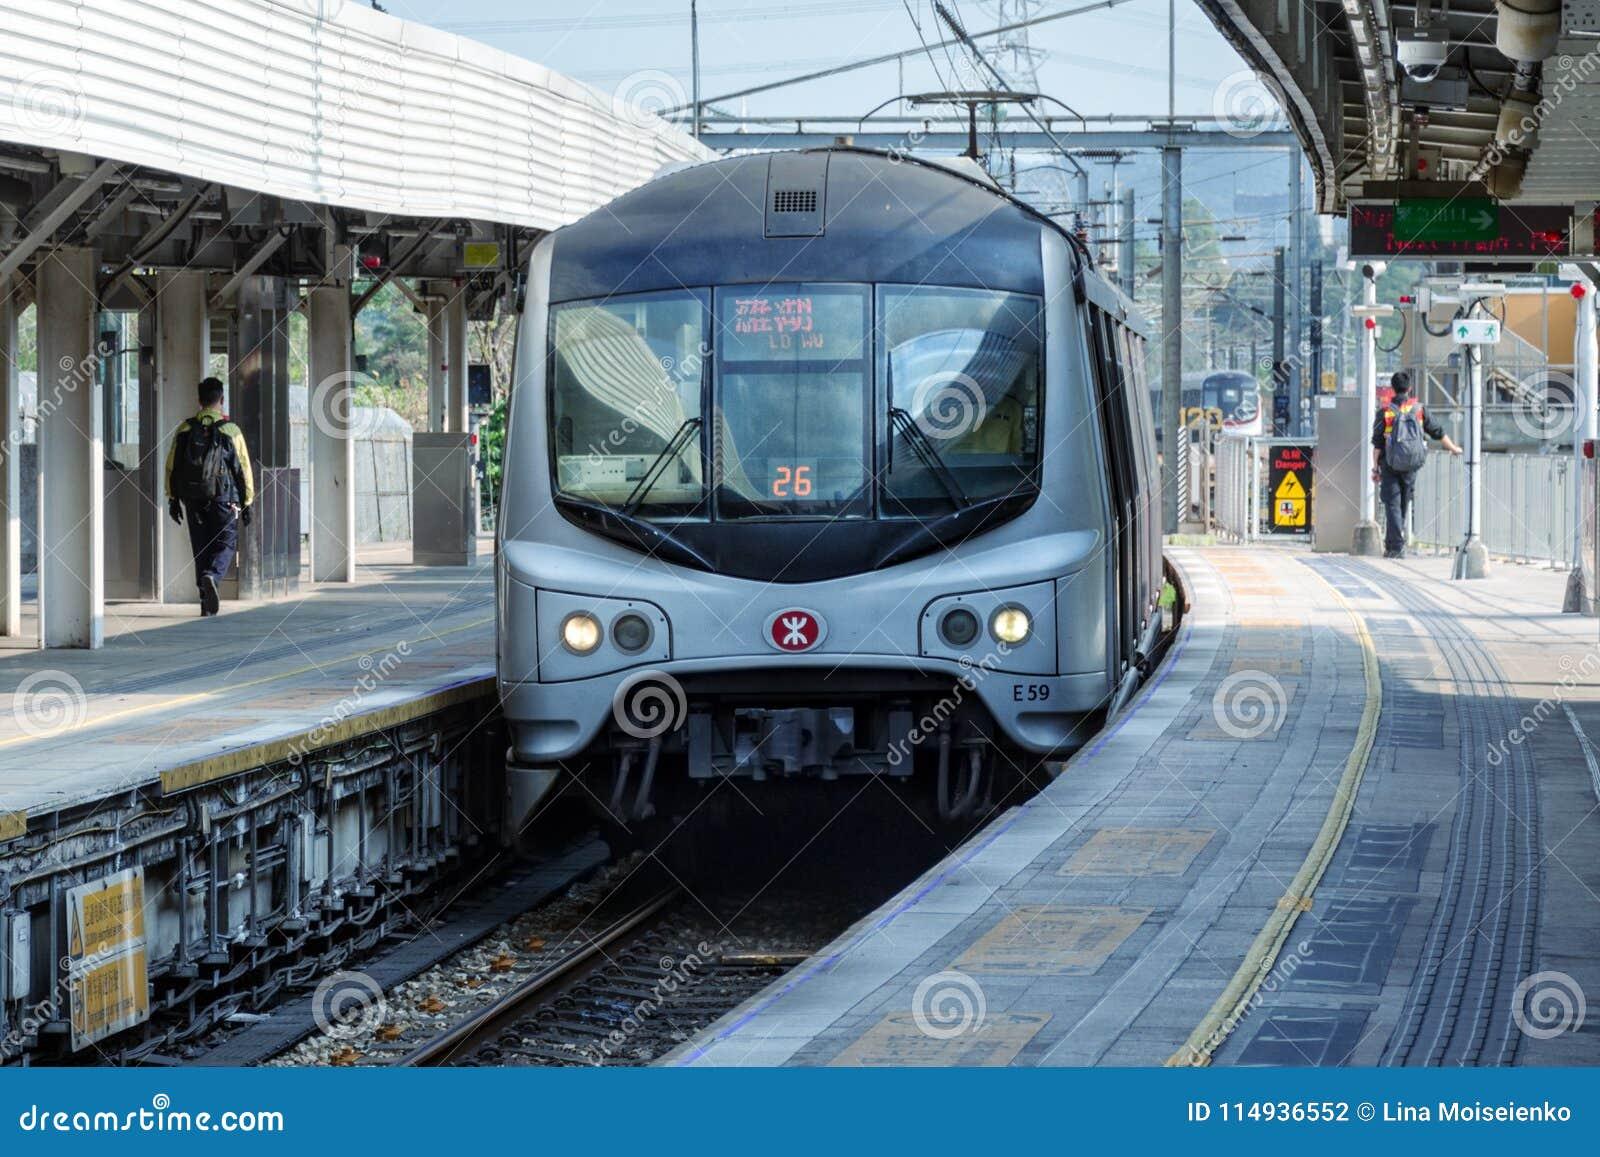 Быстрый поезд метро приезжает на под открытым небом станцию, людей идет на платформу MTR Корпорация